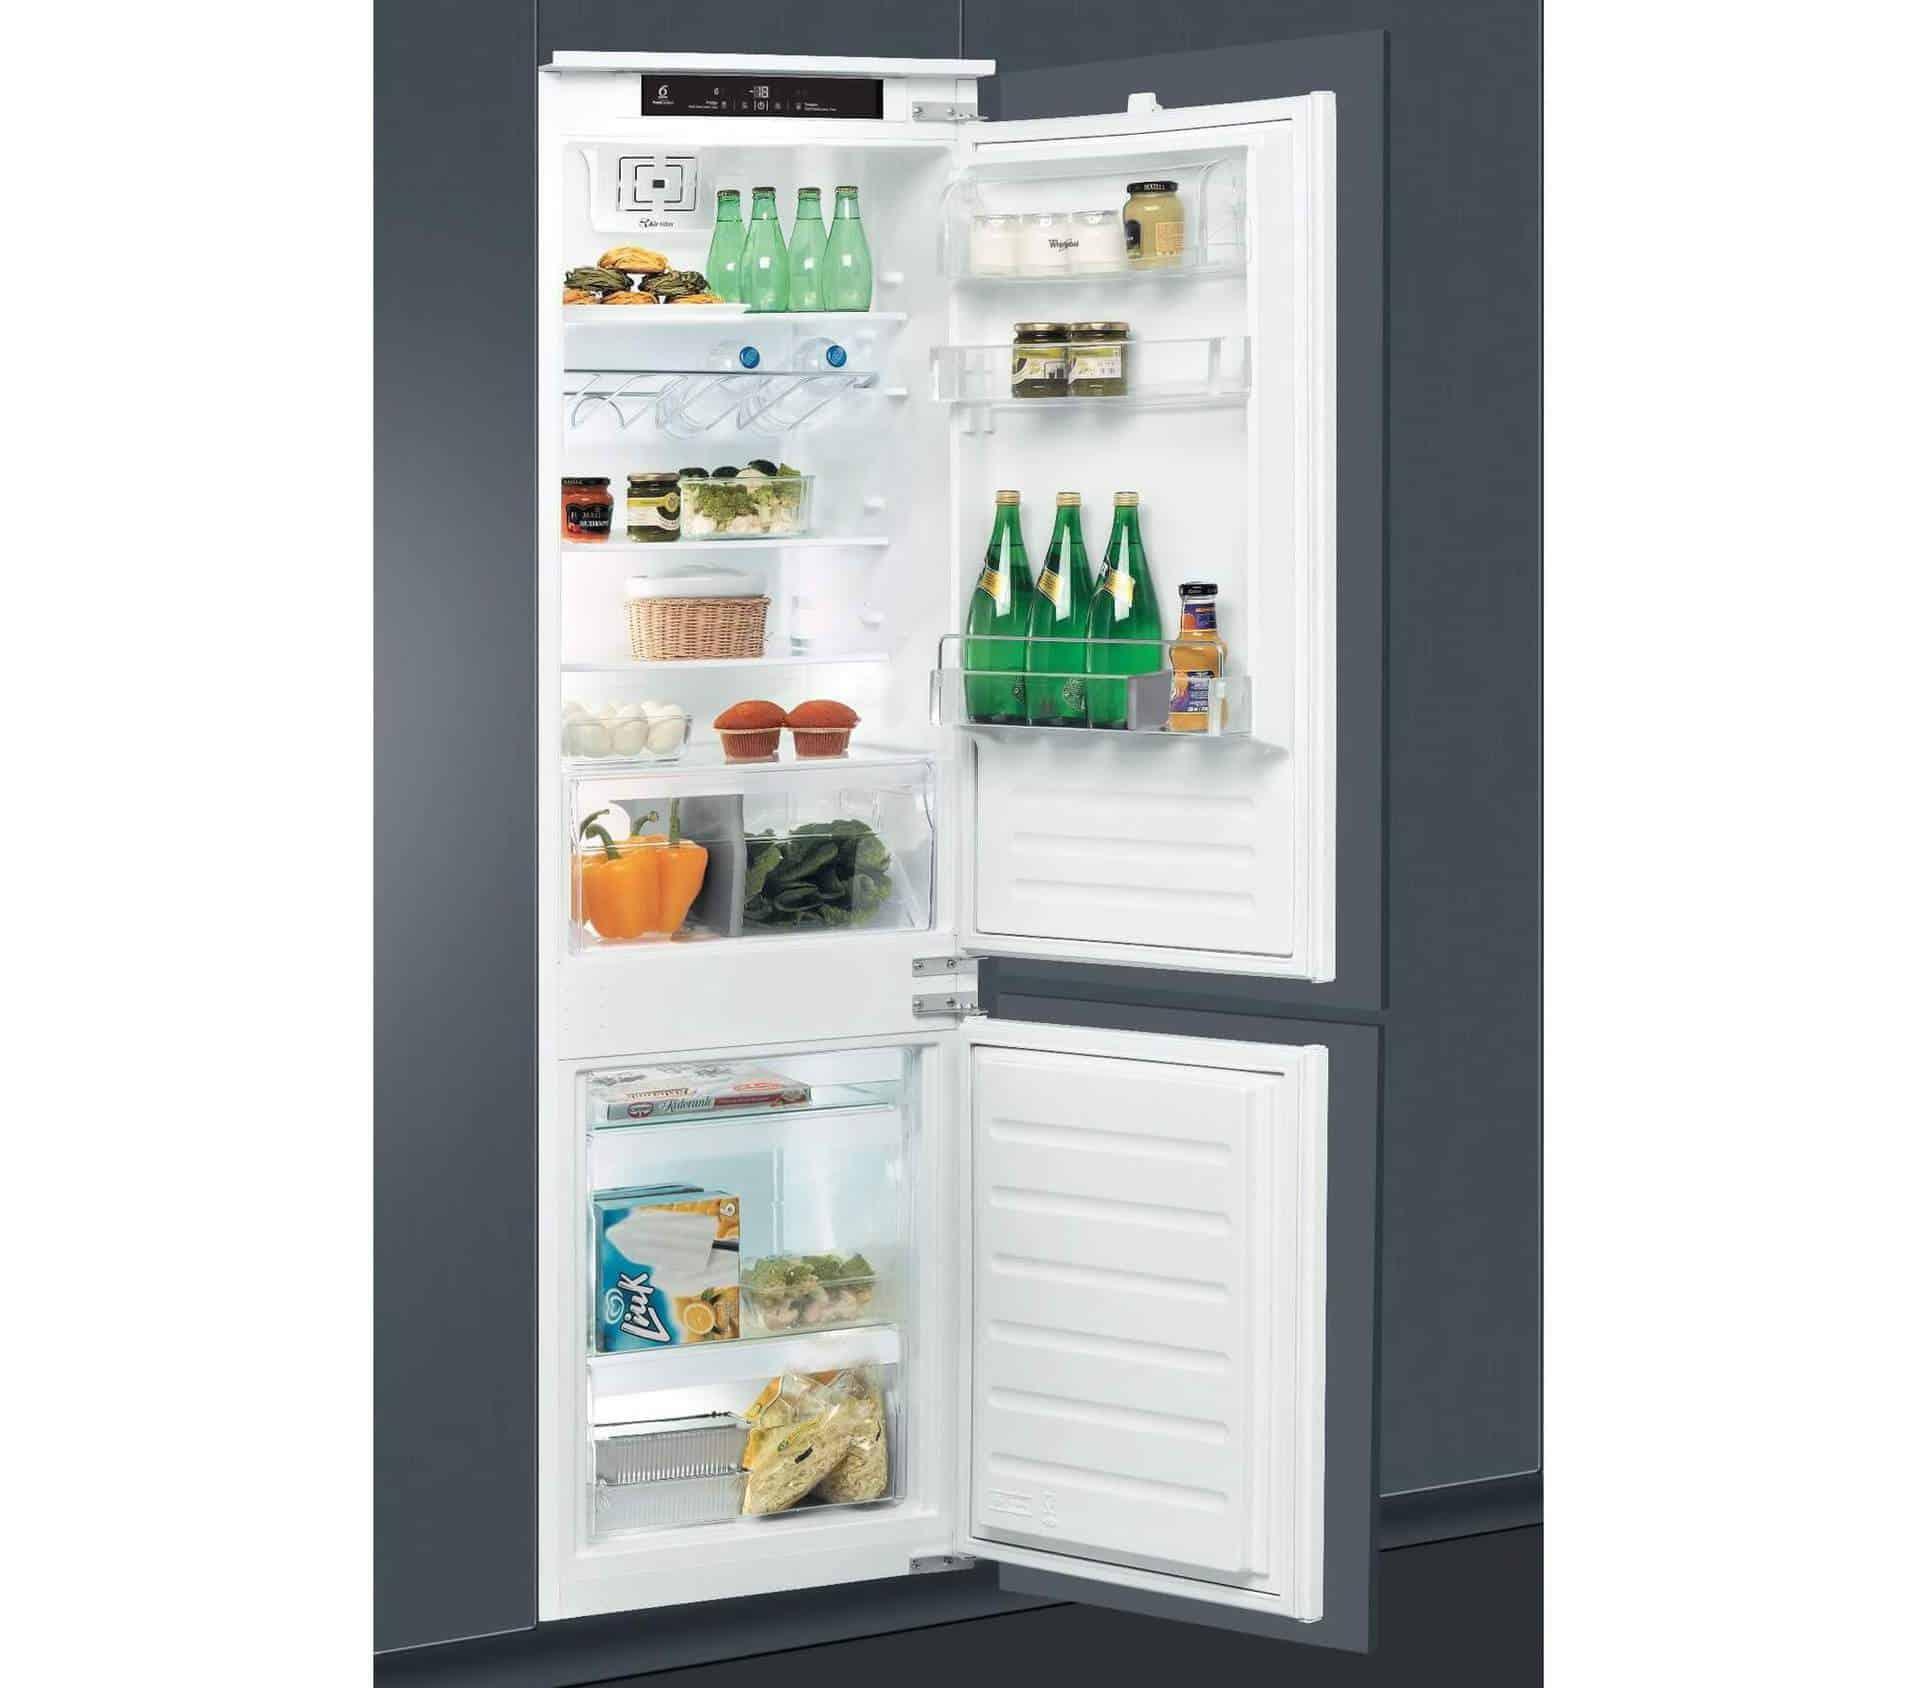 Whirlpool ART 7811 - combina frigorifica incorporabila cu tehnologie Al 6-lea Simt!